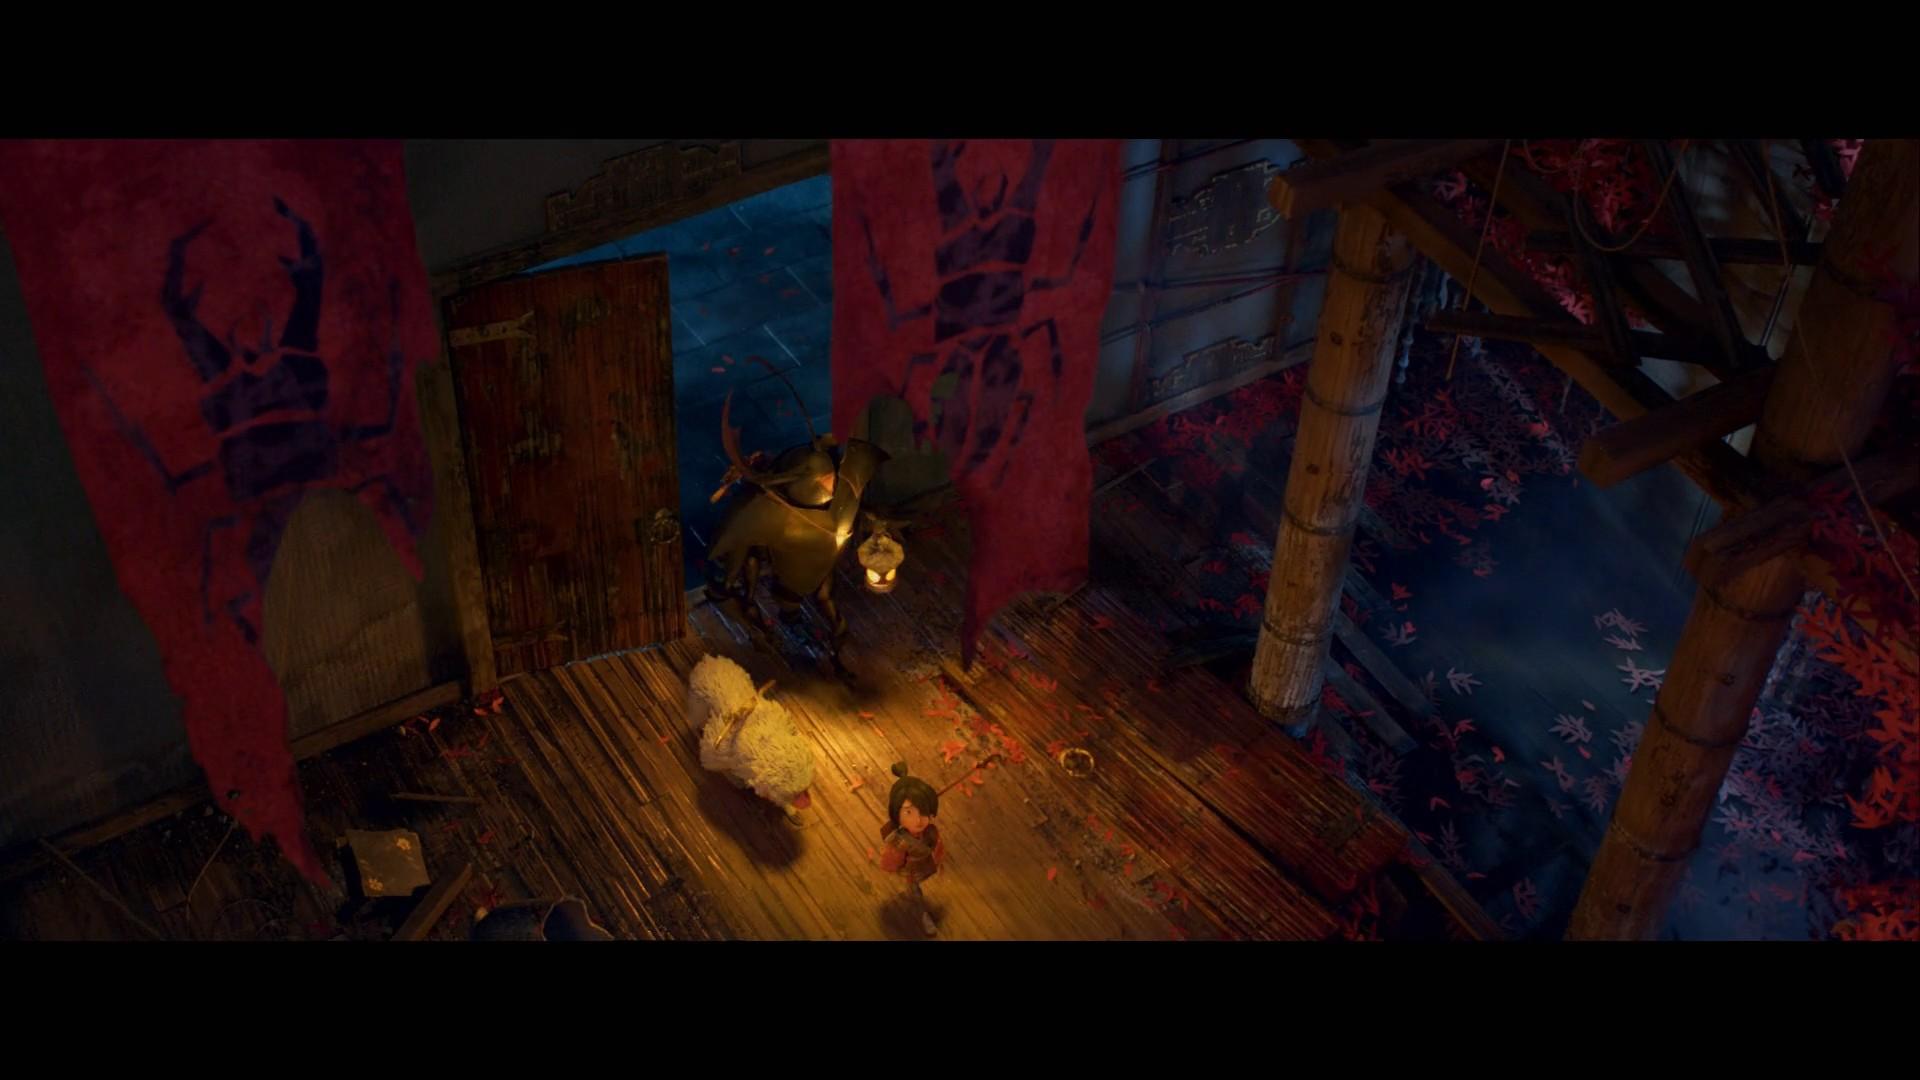 Kubo - Der tapfere Samurai Trailer